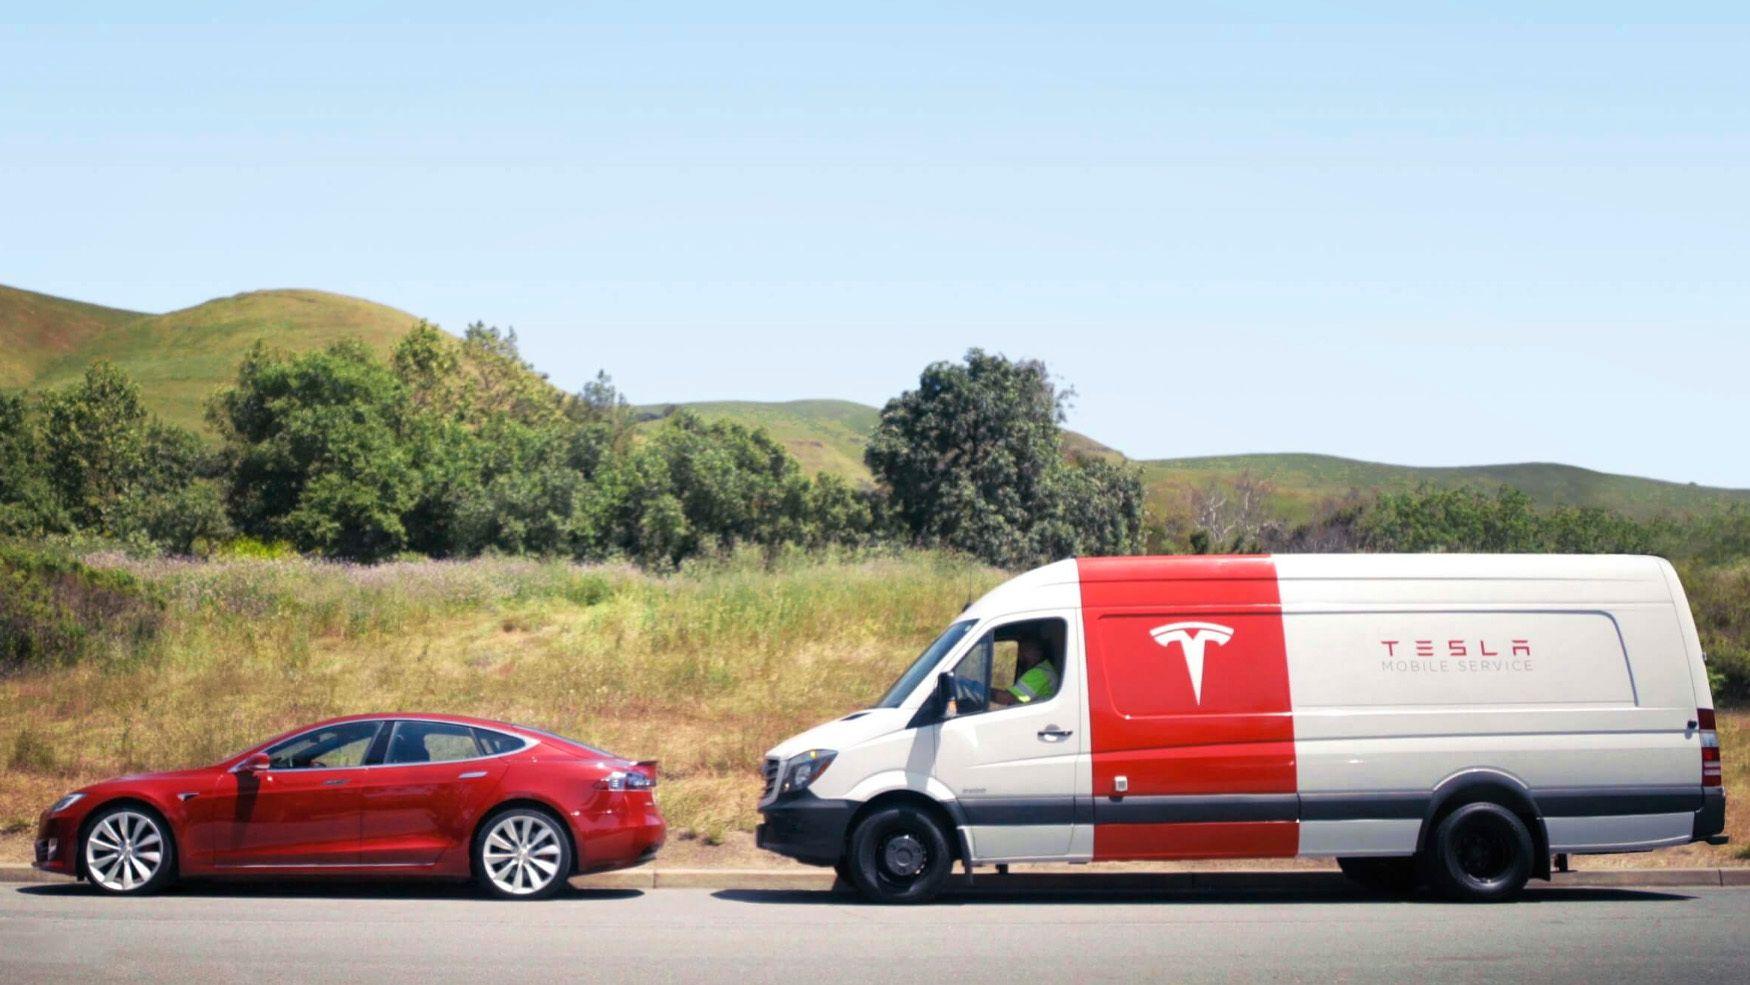 Økt fokus serviceflåten vil være en av måtene å korte ned ventiden, mener Musk.